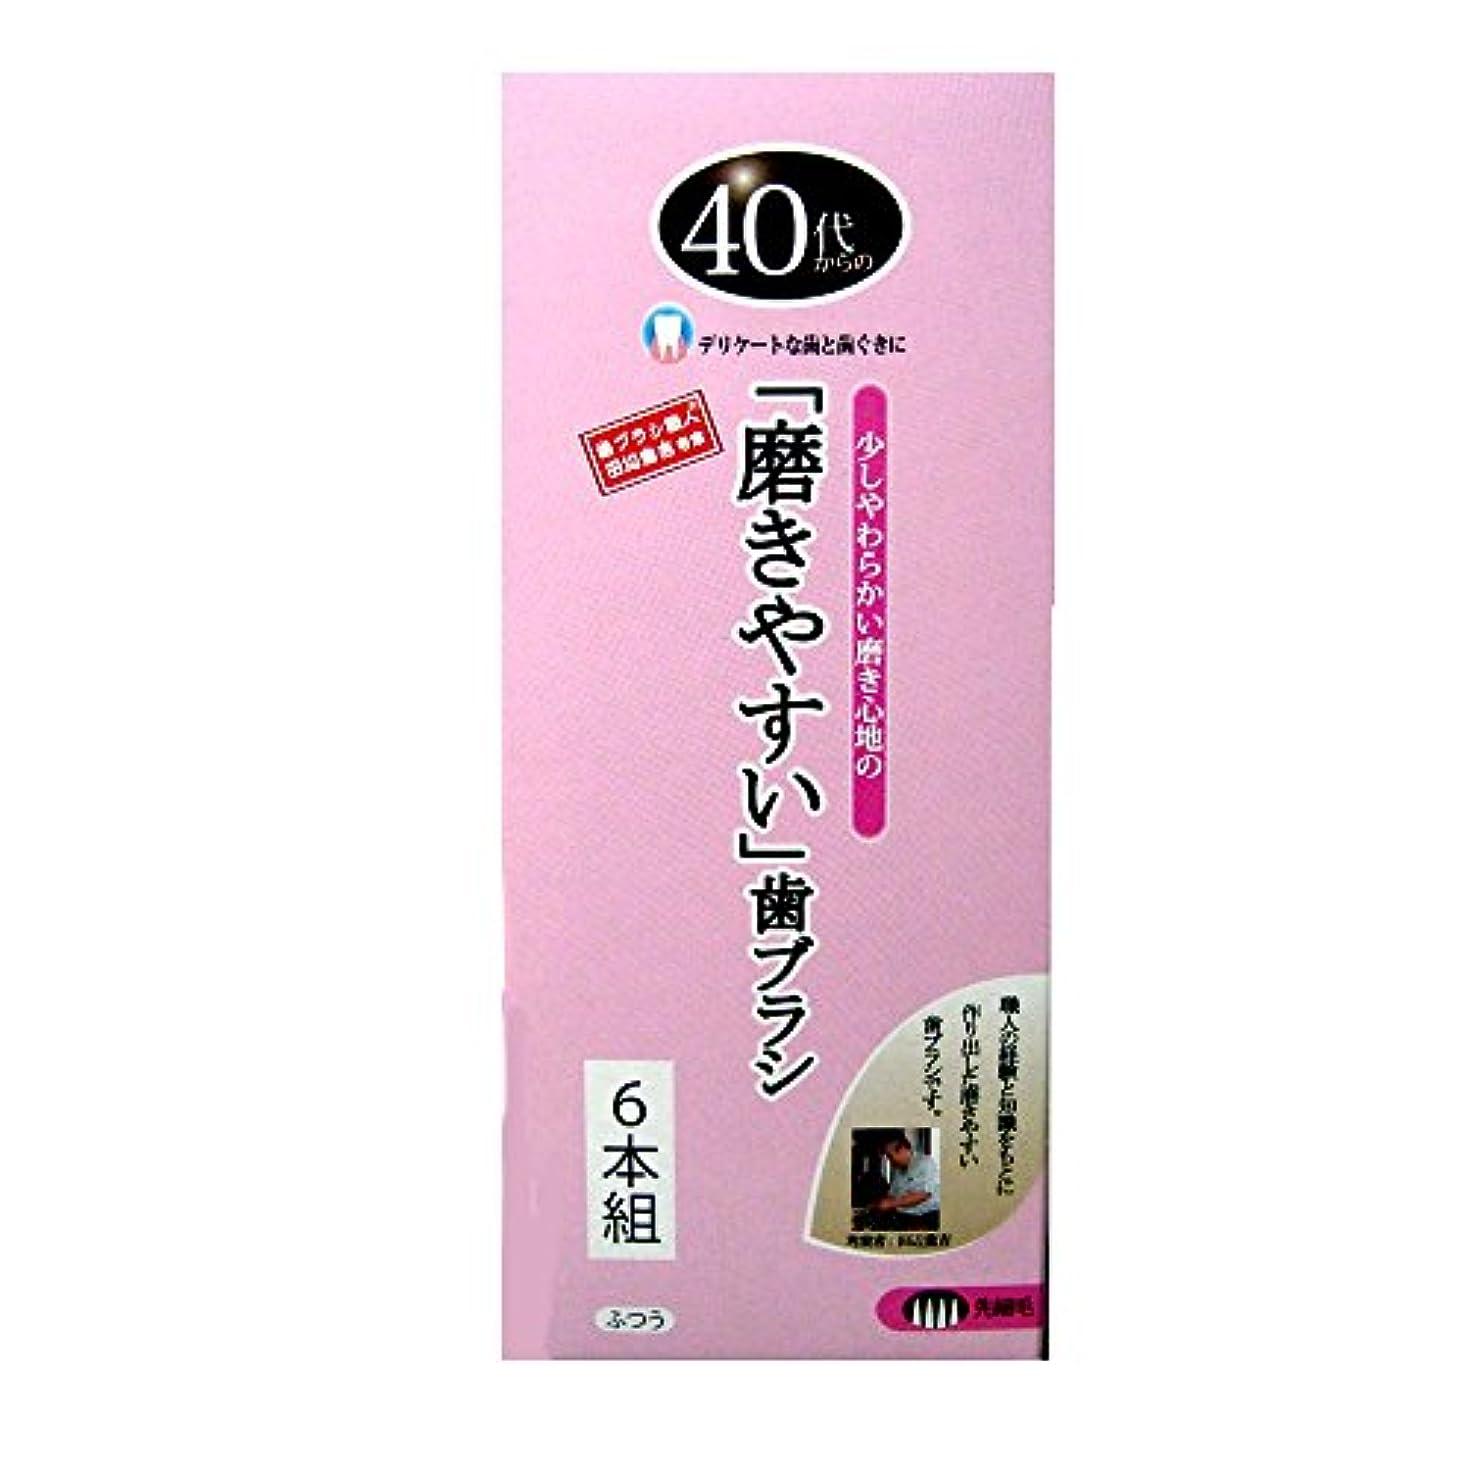 擬人化こしょうトンネルライフレンジ 磨きやすい歯ブラシ 40代から ふつう LT-115 6本組 4560292169909